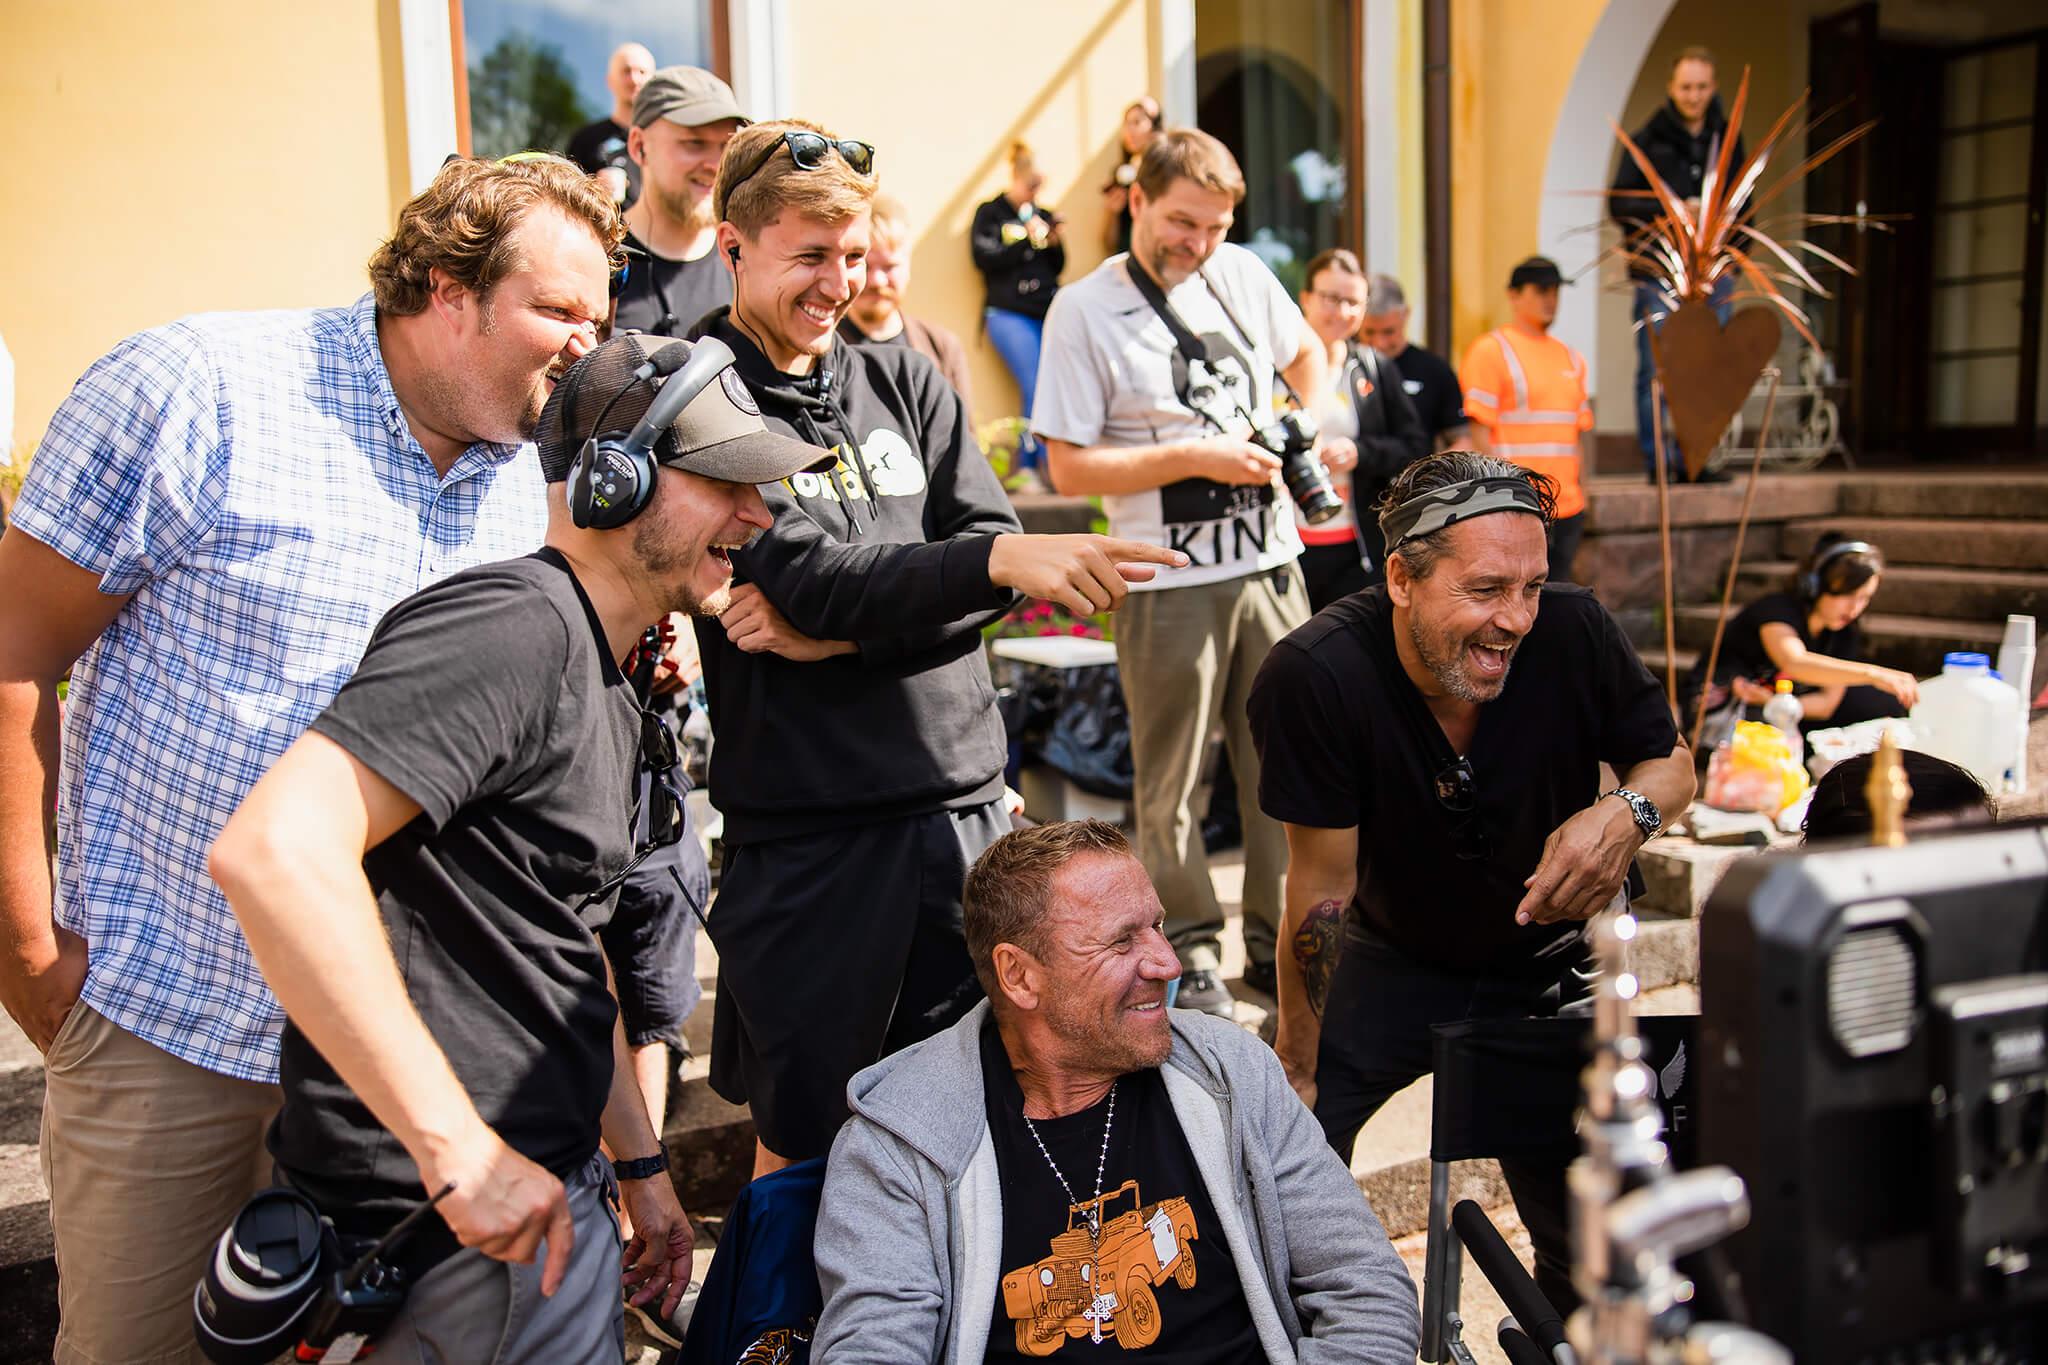 Luokkakokous 3 – Sinkkuristeily -elokuva on saanut jo yli 150 000 katsojaa